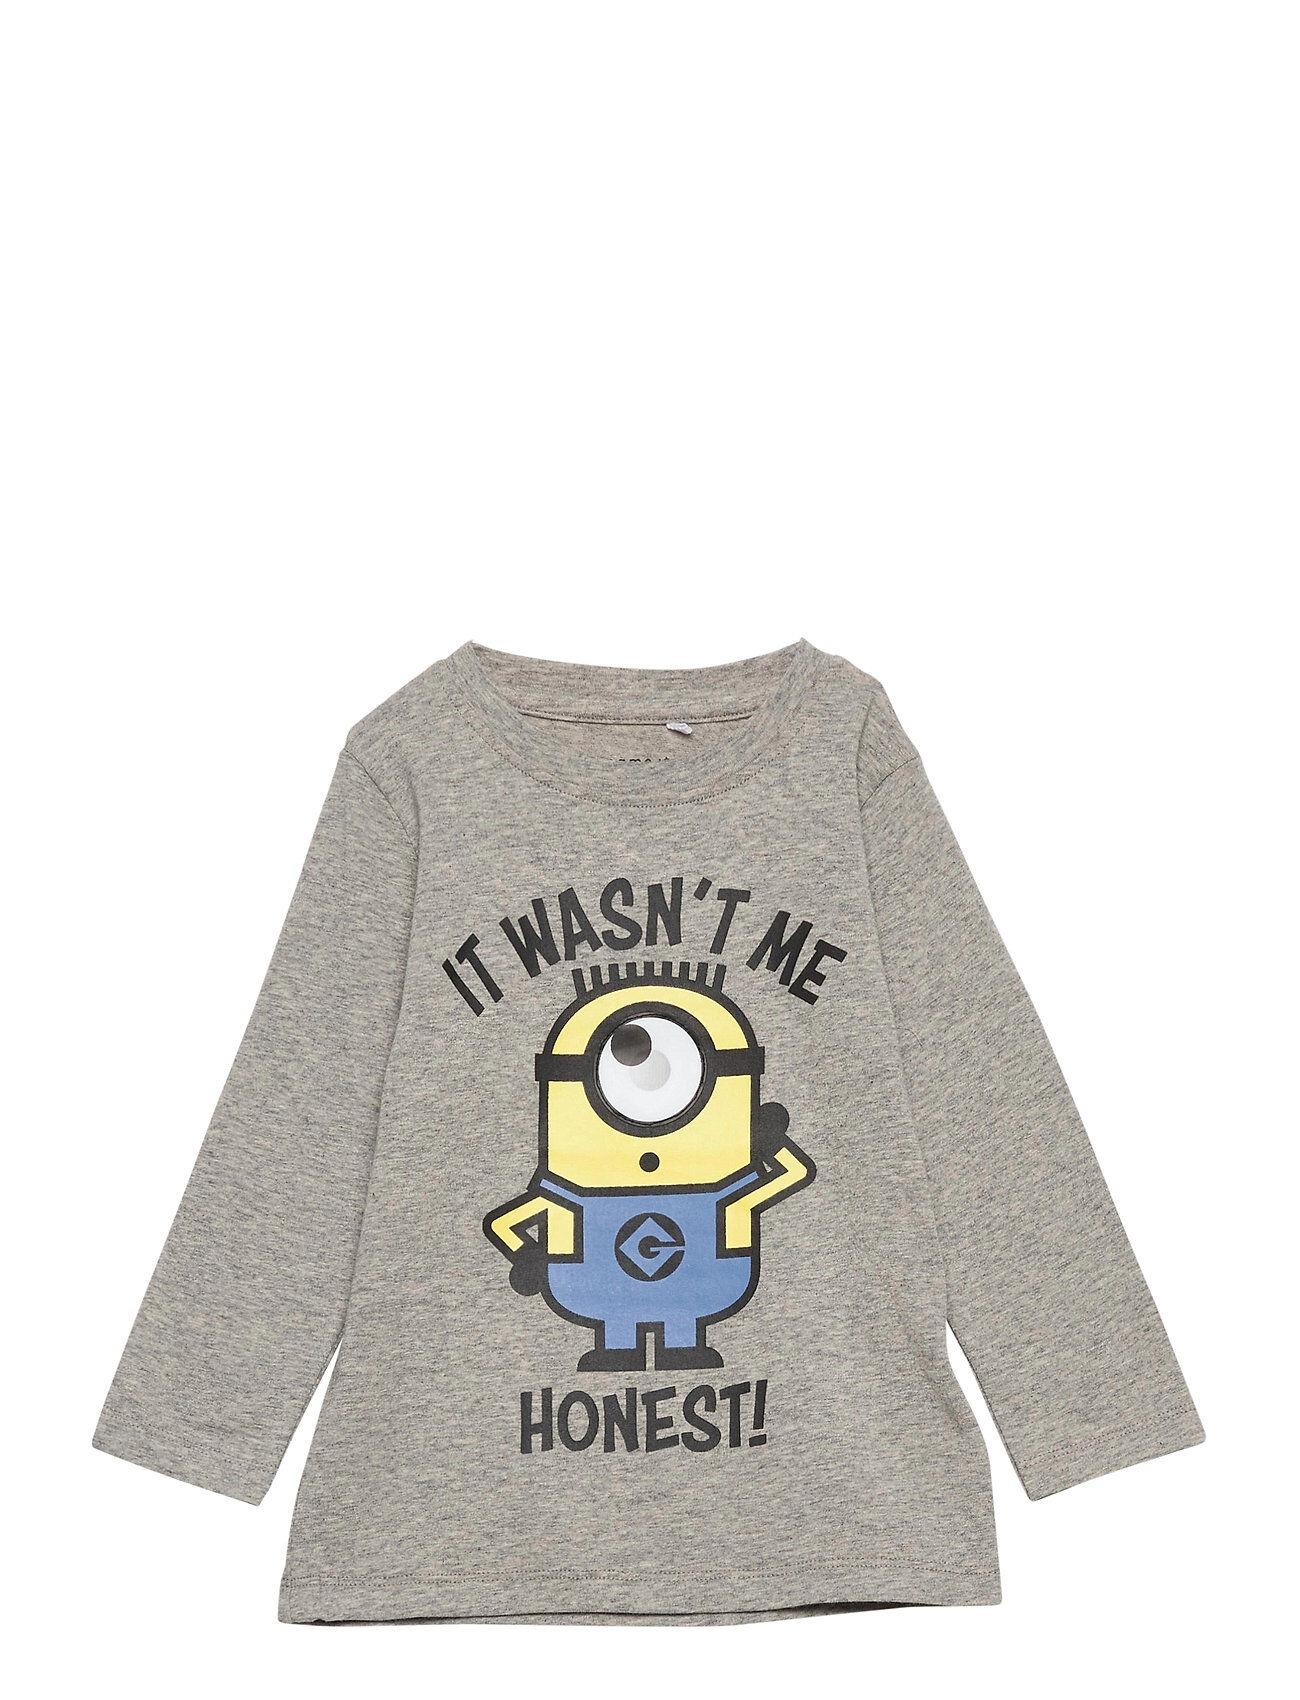 name it Nmmminions Ido Ls Top Box Lic T-shirts Long-sleeved T-shirts Harmaa Name It